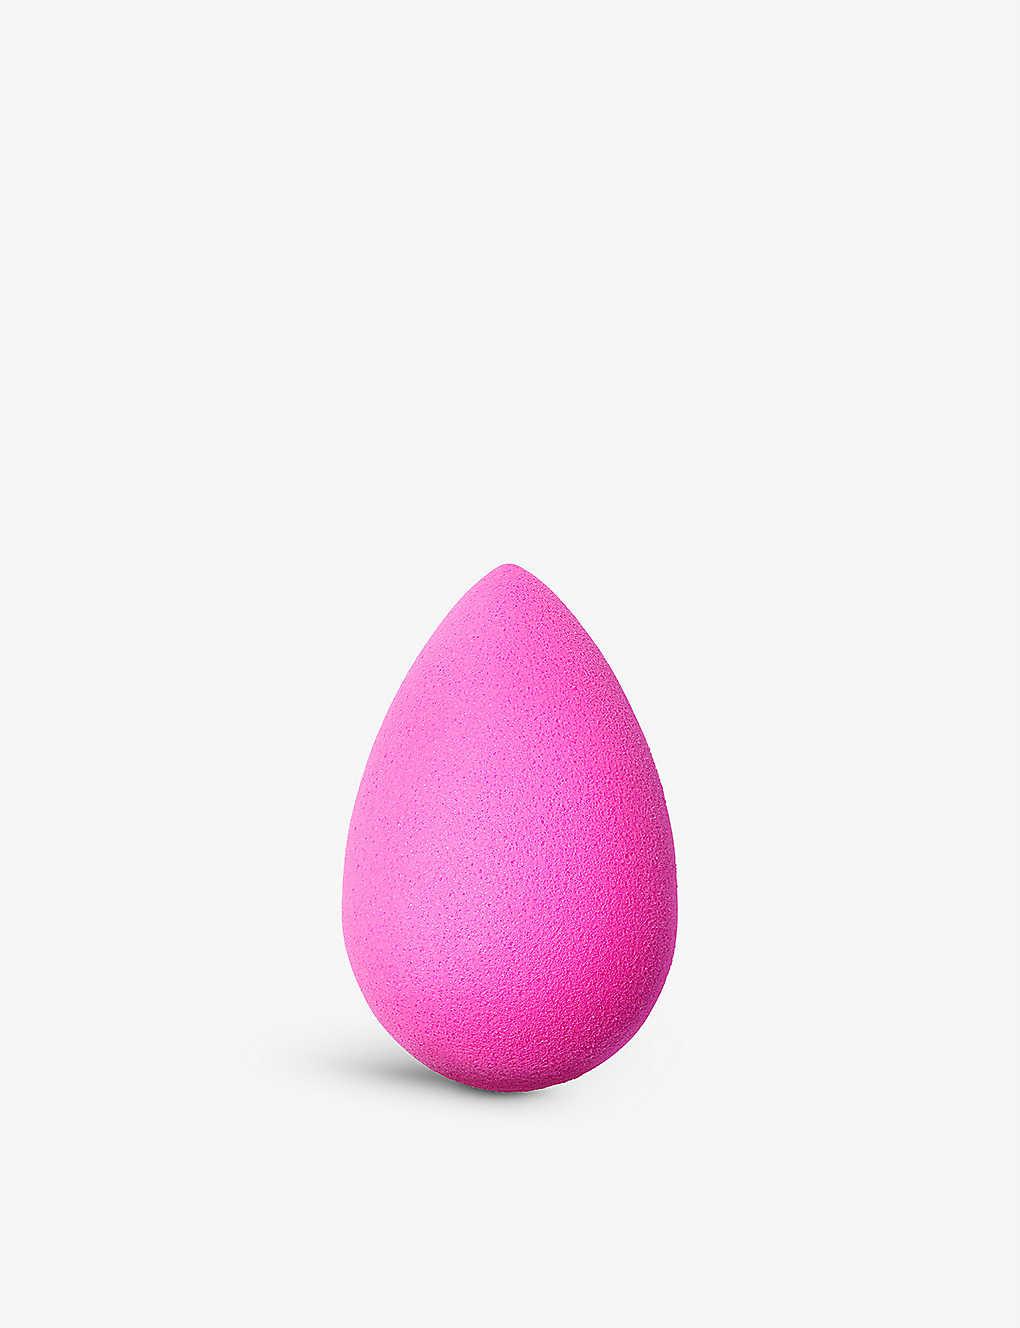 74e616774bf BEAUTYBLENDER - Original beautyblender foundation sponge ...